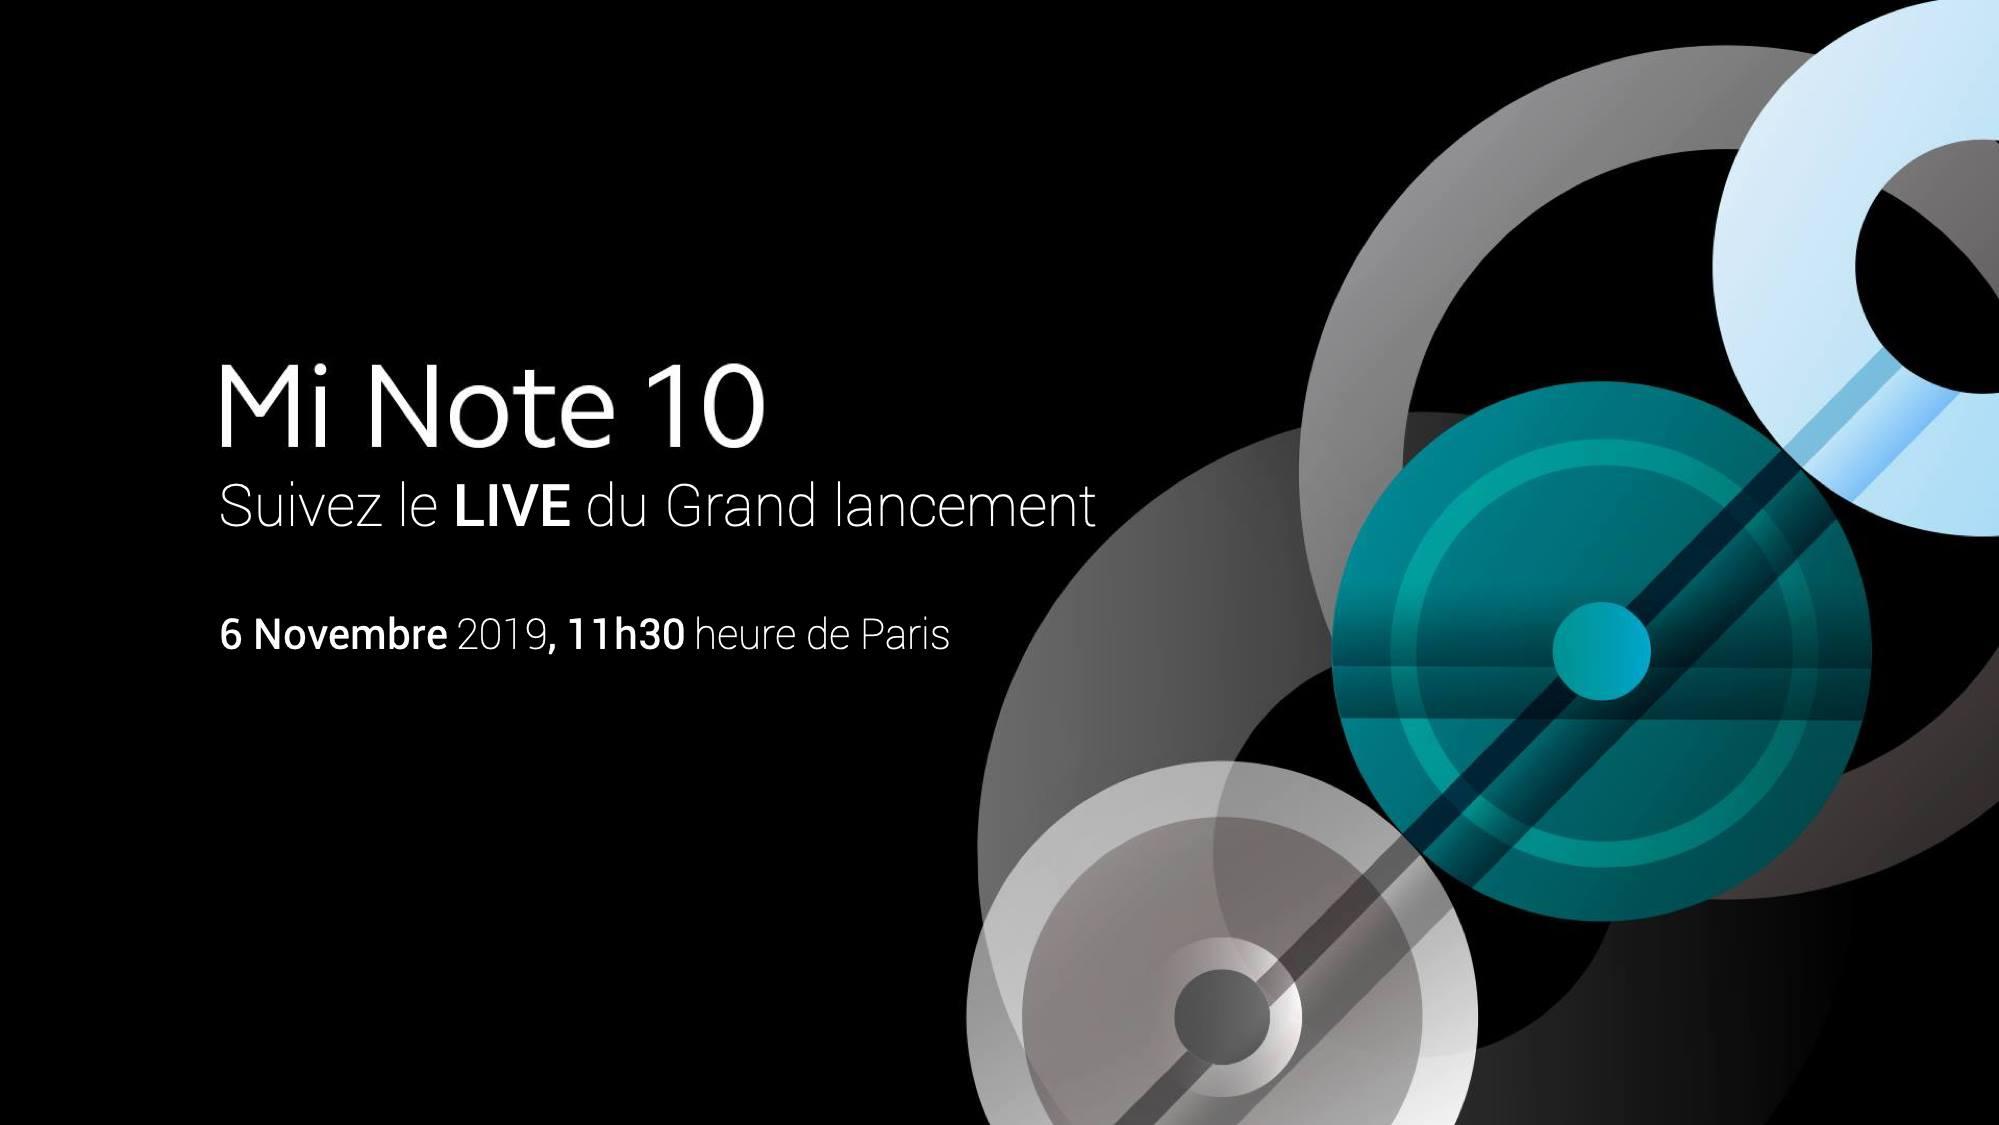 Xiaomi Mi Note 10 : comment suivre la conférence en direct